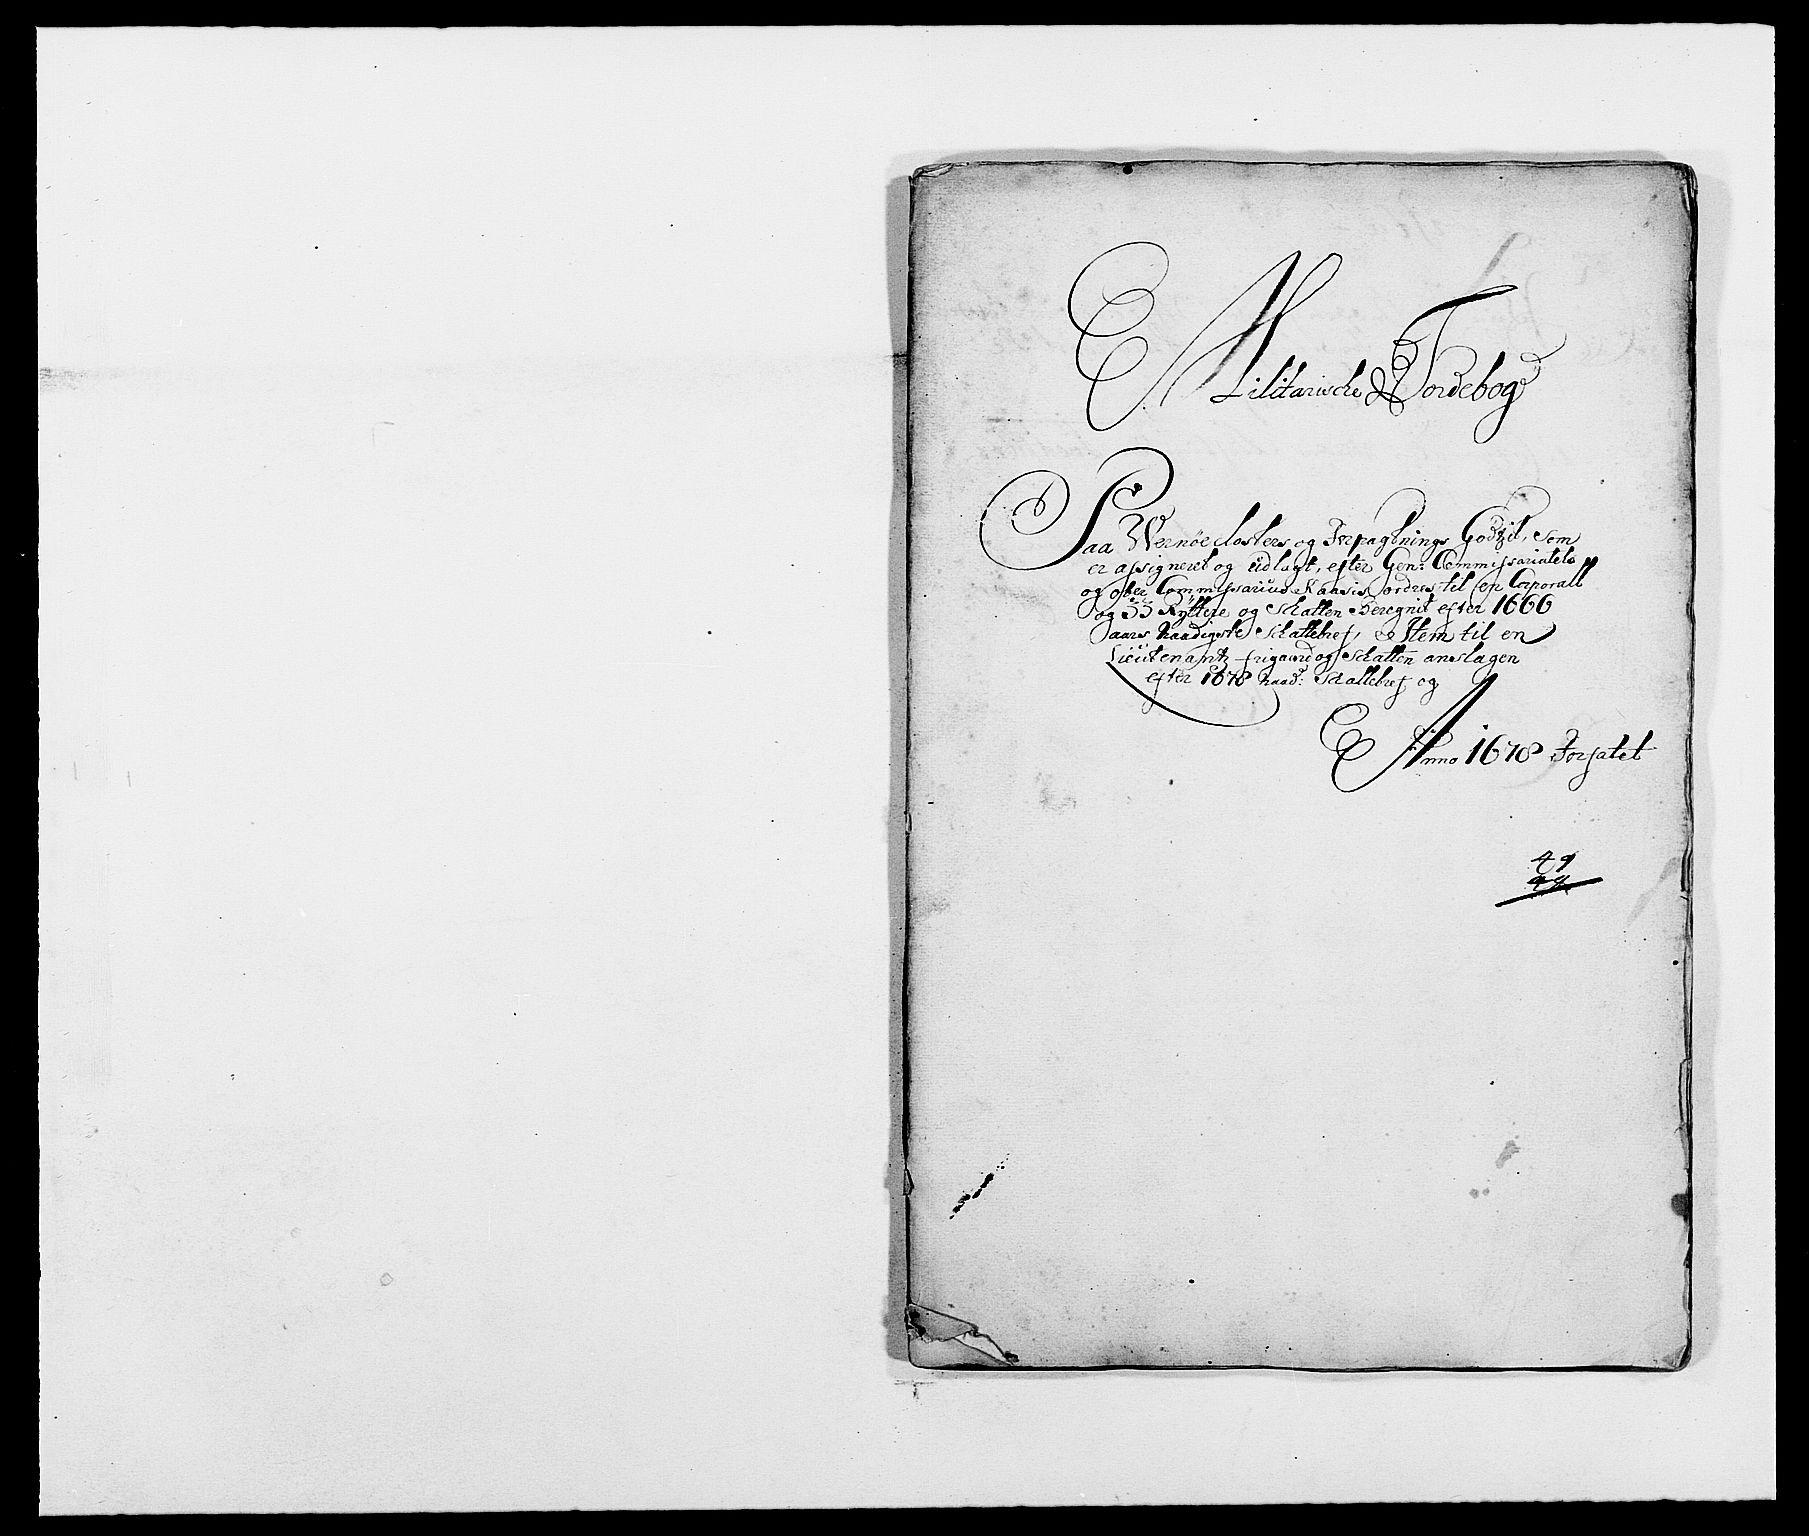 RA, Rentekammeret inntil 1814, Reviderte regnskaper, Fogderegnskap, R02/L0099: Fogderegnskap Moss og Verne kloster, 1678, s. 317